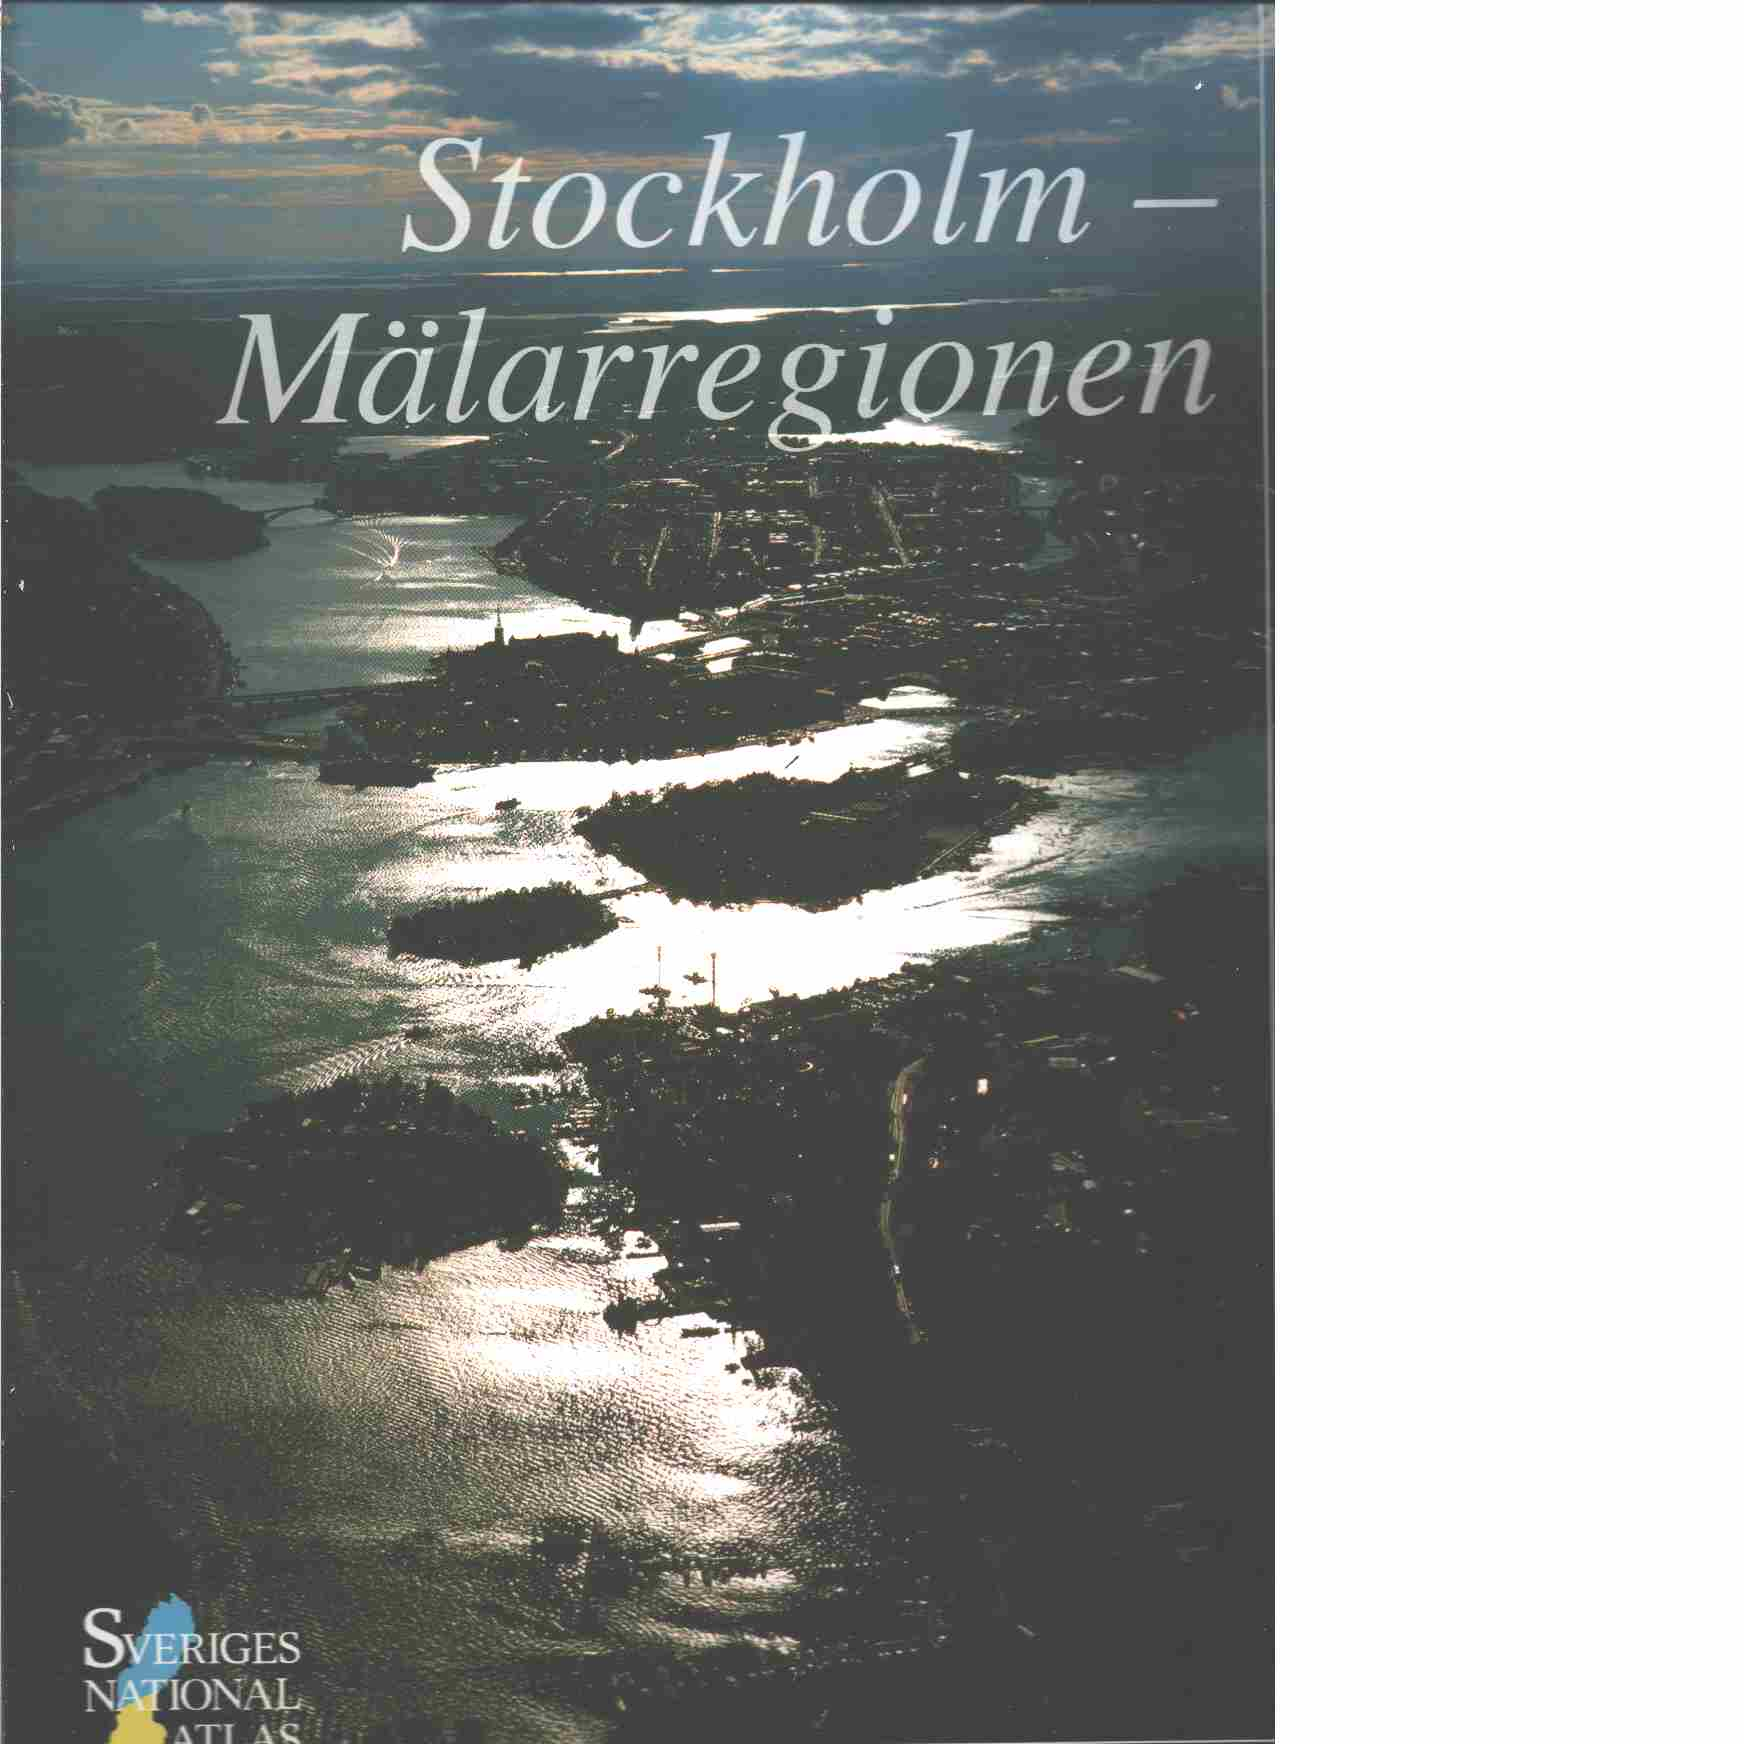 Sveriges nationalatlas. Stockholm - Mälarregionen  - Red.